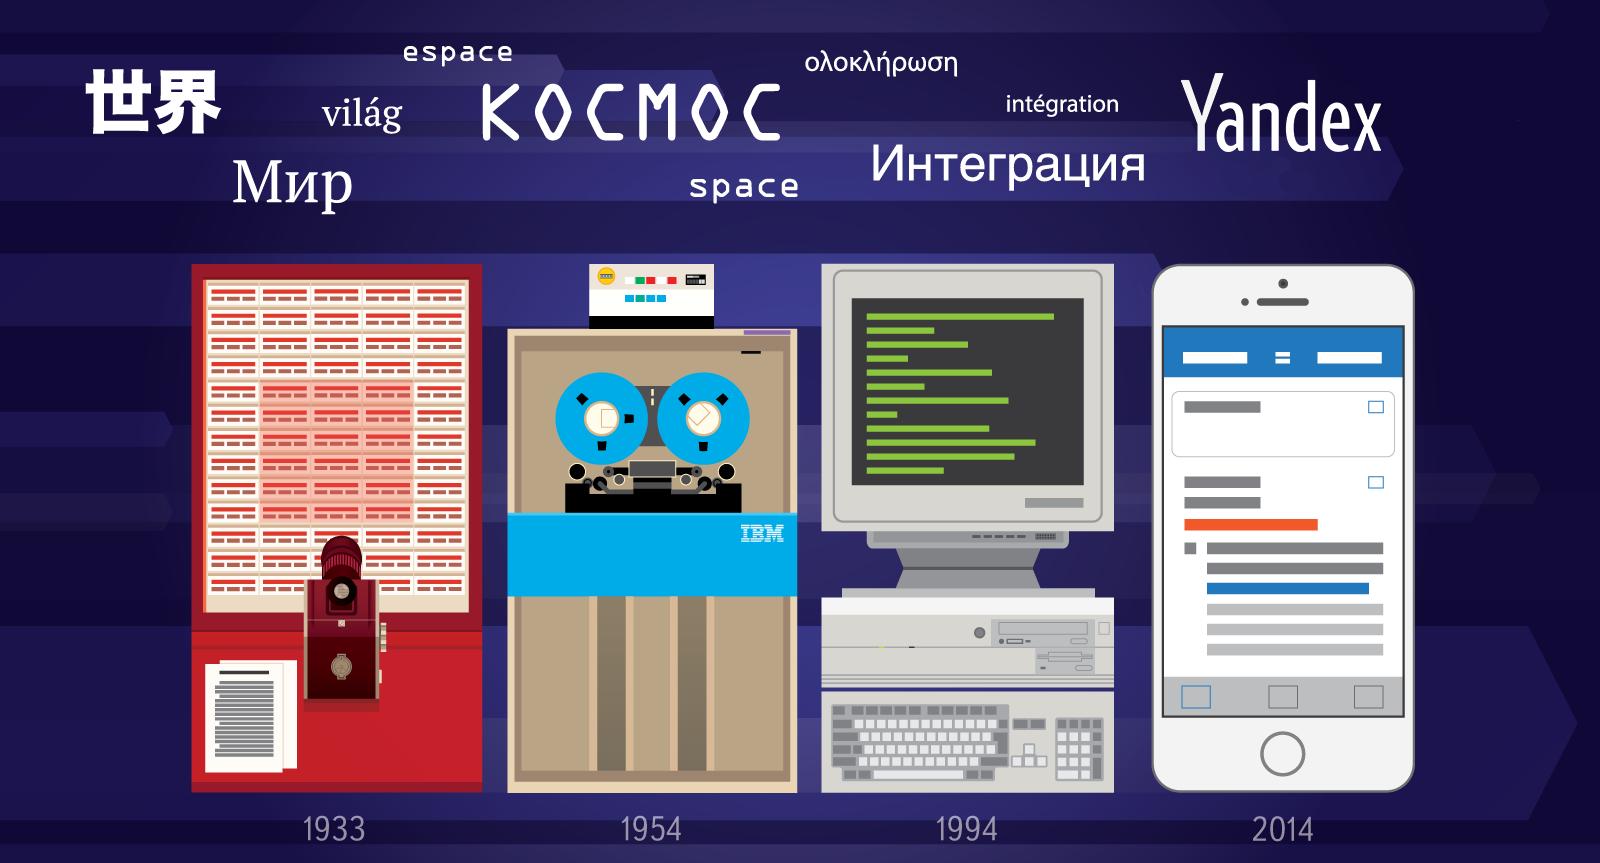 Скачать сервисы яндекс для андроид русская